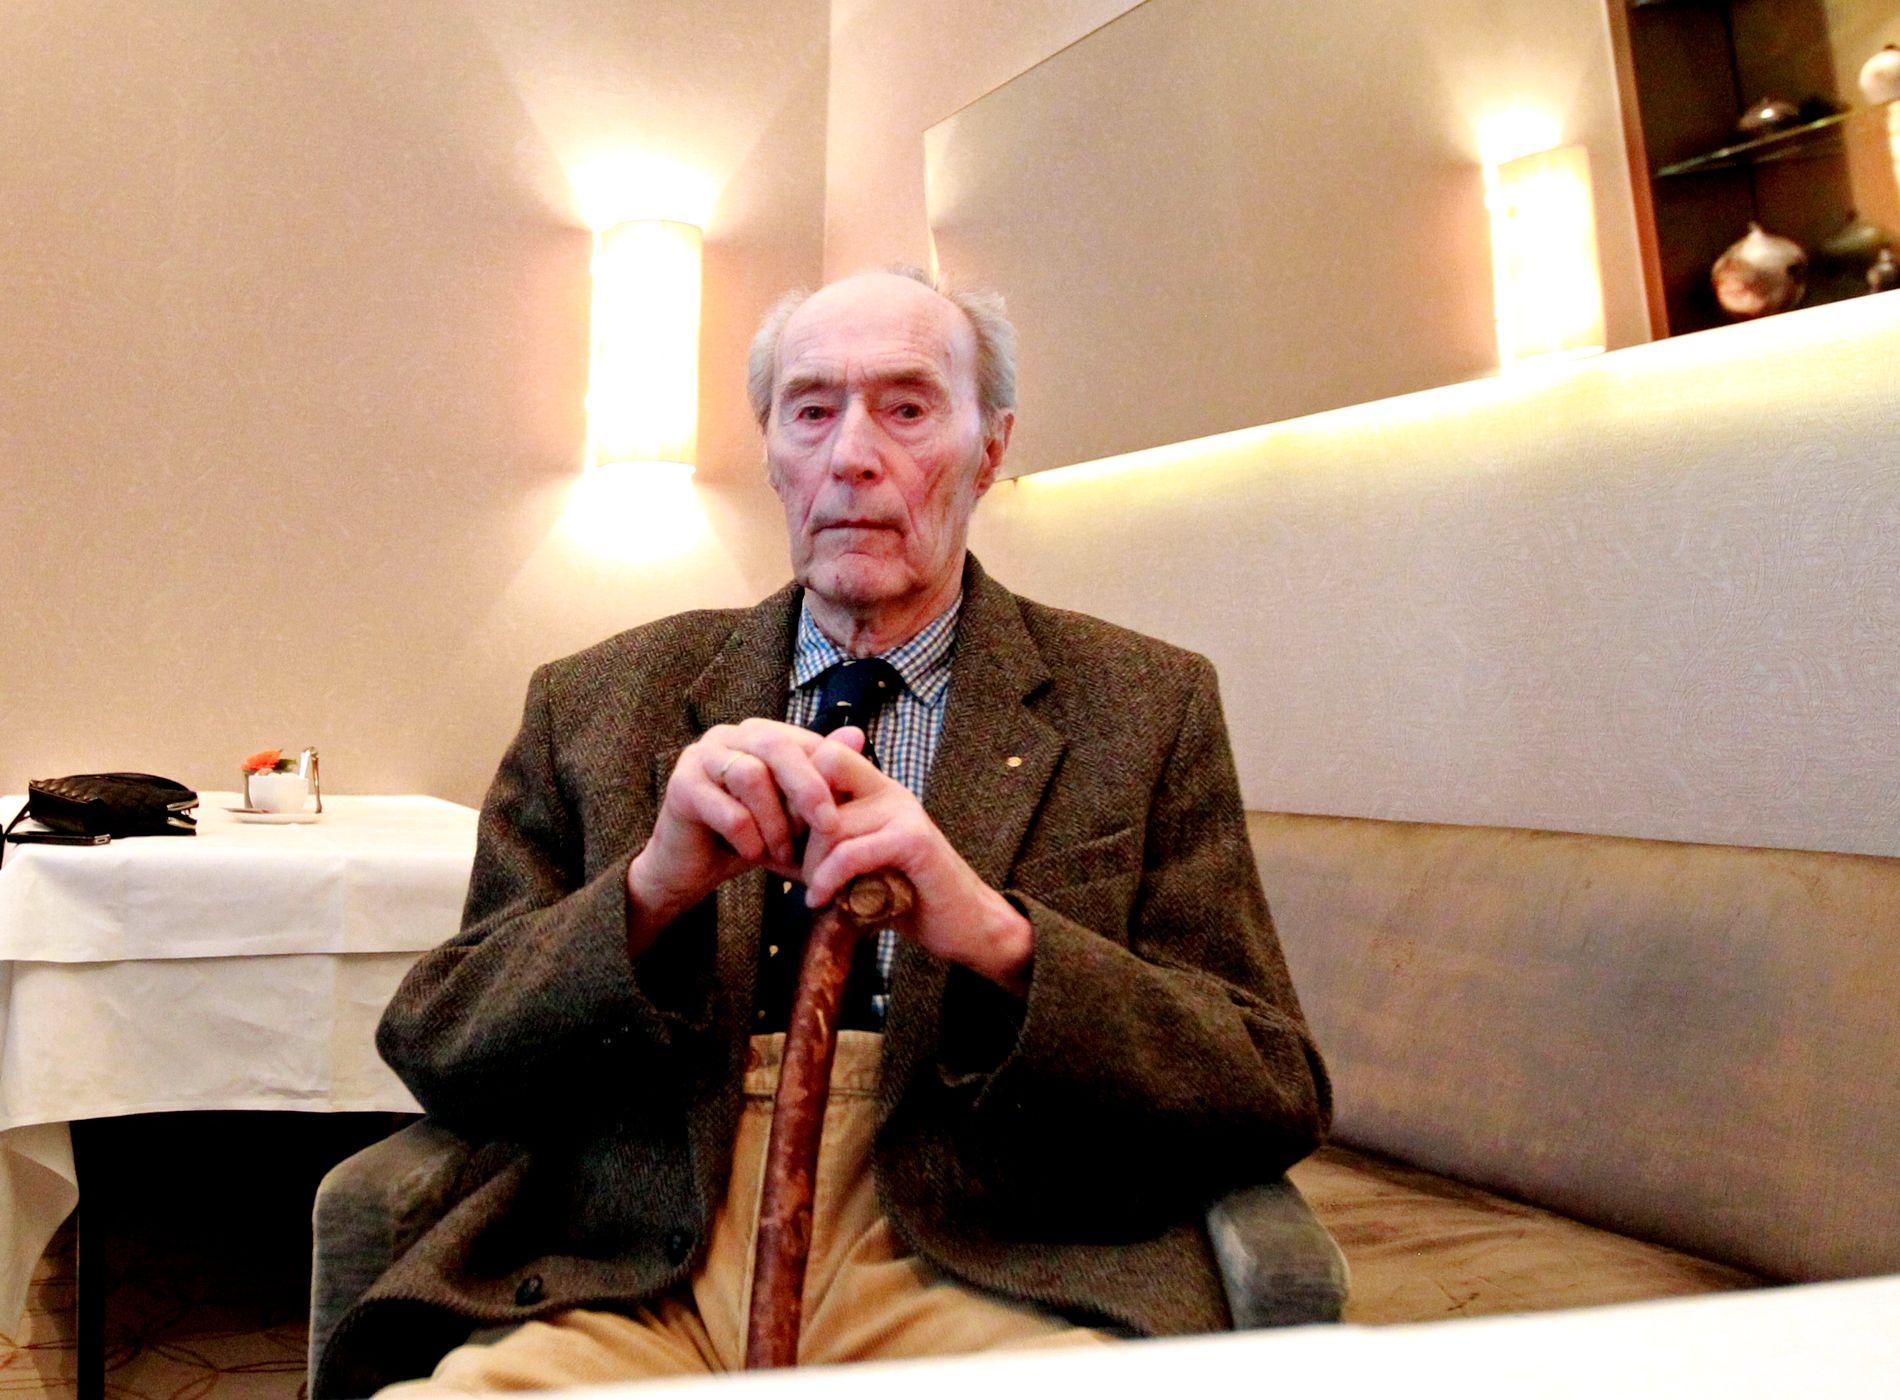 KRIGSHELT: Joachim Rønneberg var en norsk motstandsmann som i årene 1941–1945 var medlem av Kompani Linge.